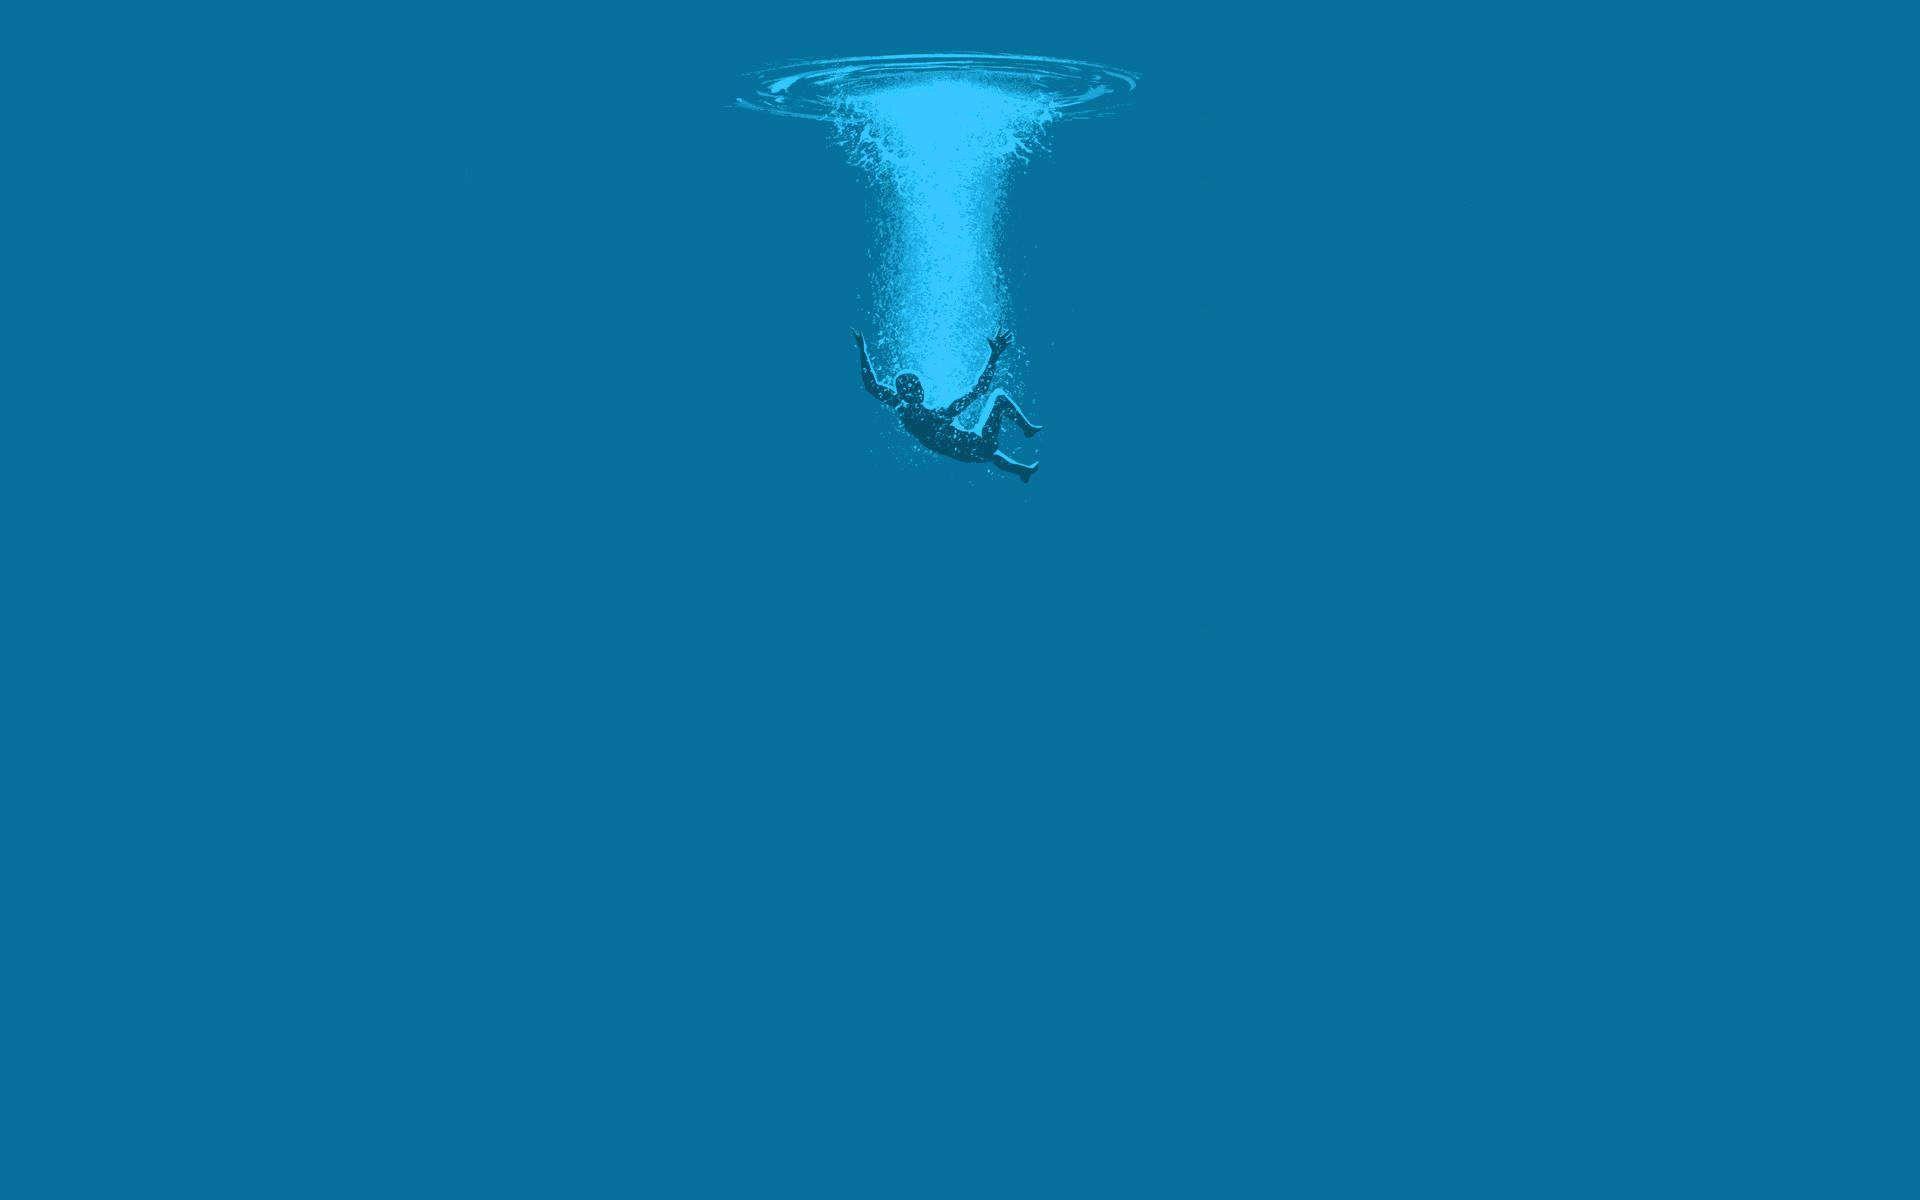 Plunging Into The Ocean 1920x1200 Minimalist Desktop Wallpaper